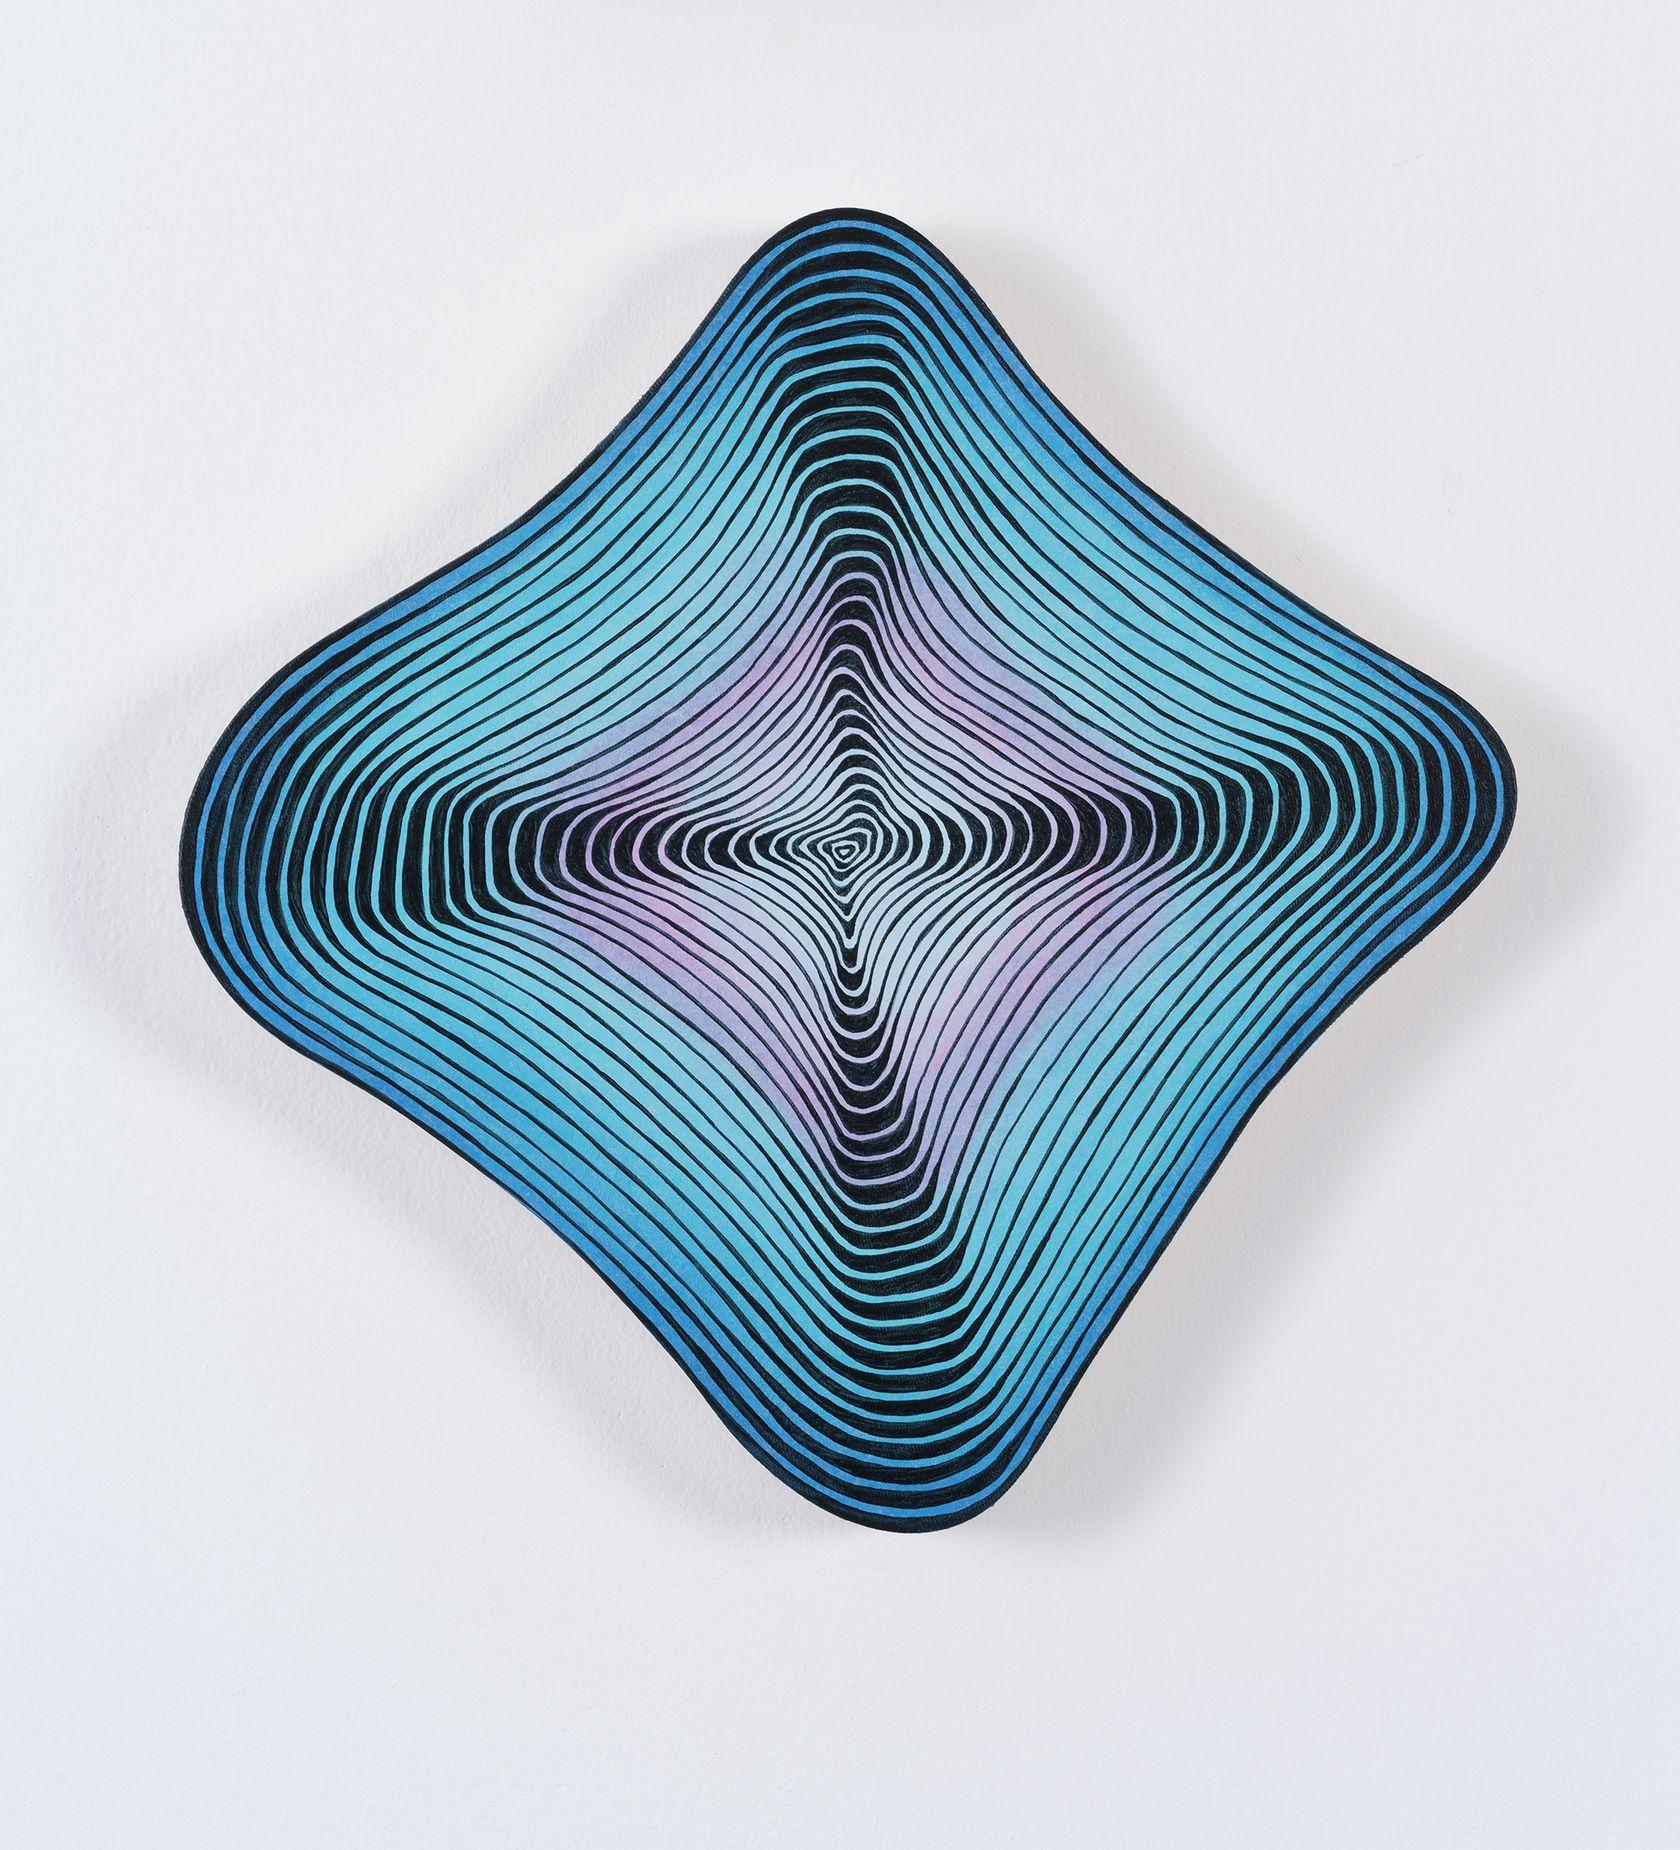 Guillaume Pilet, Emotional Response, 2020 Acrylique sur toile28 × 27 cm / 11  × 10 5/8 in.